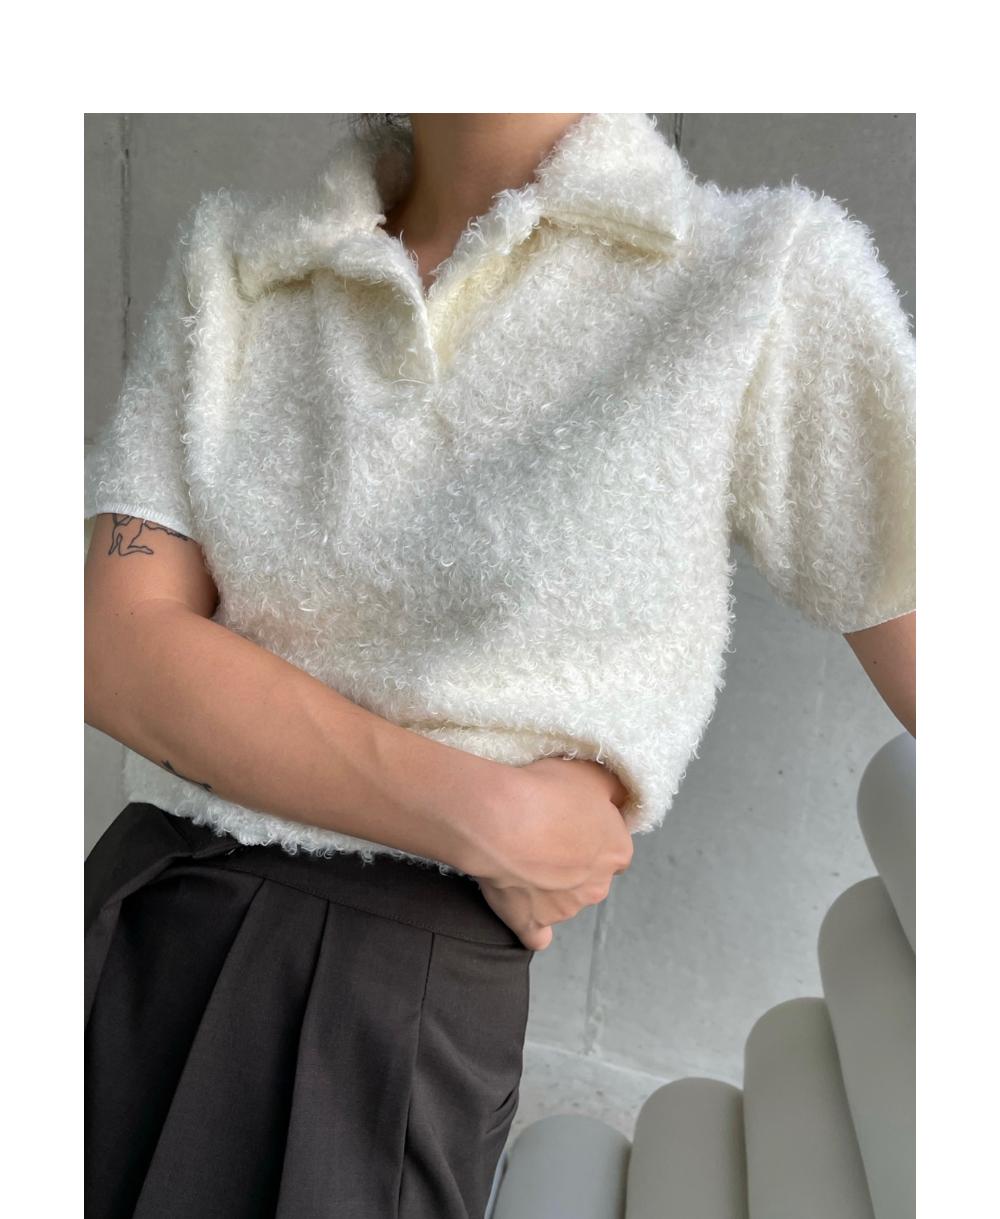 반팔 티셔츠 모델 착용 이미지-S1L4